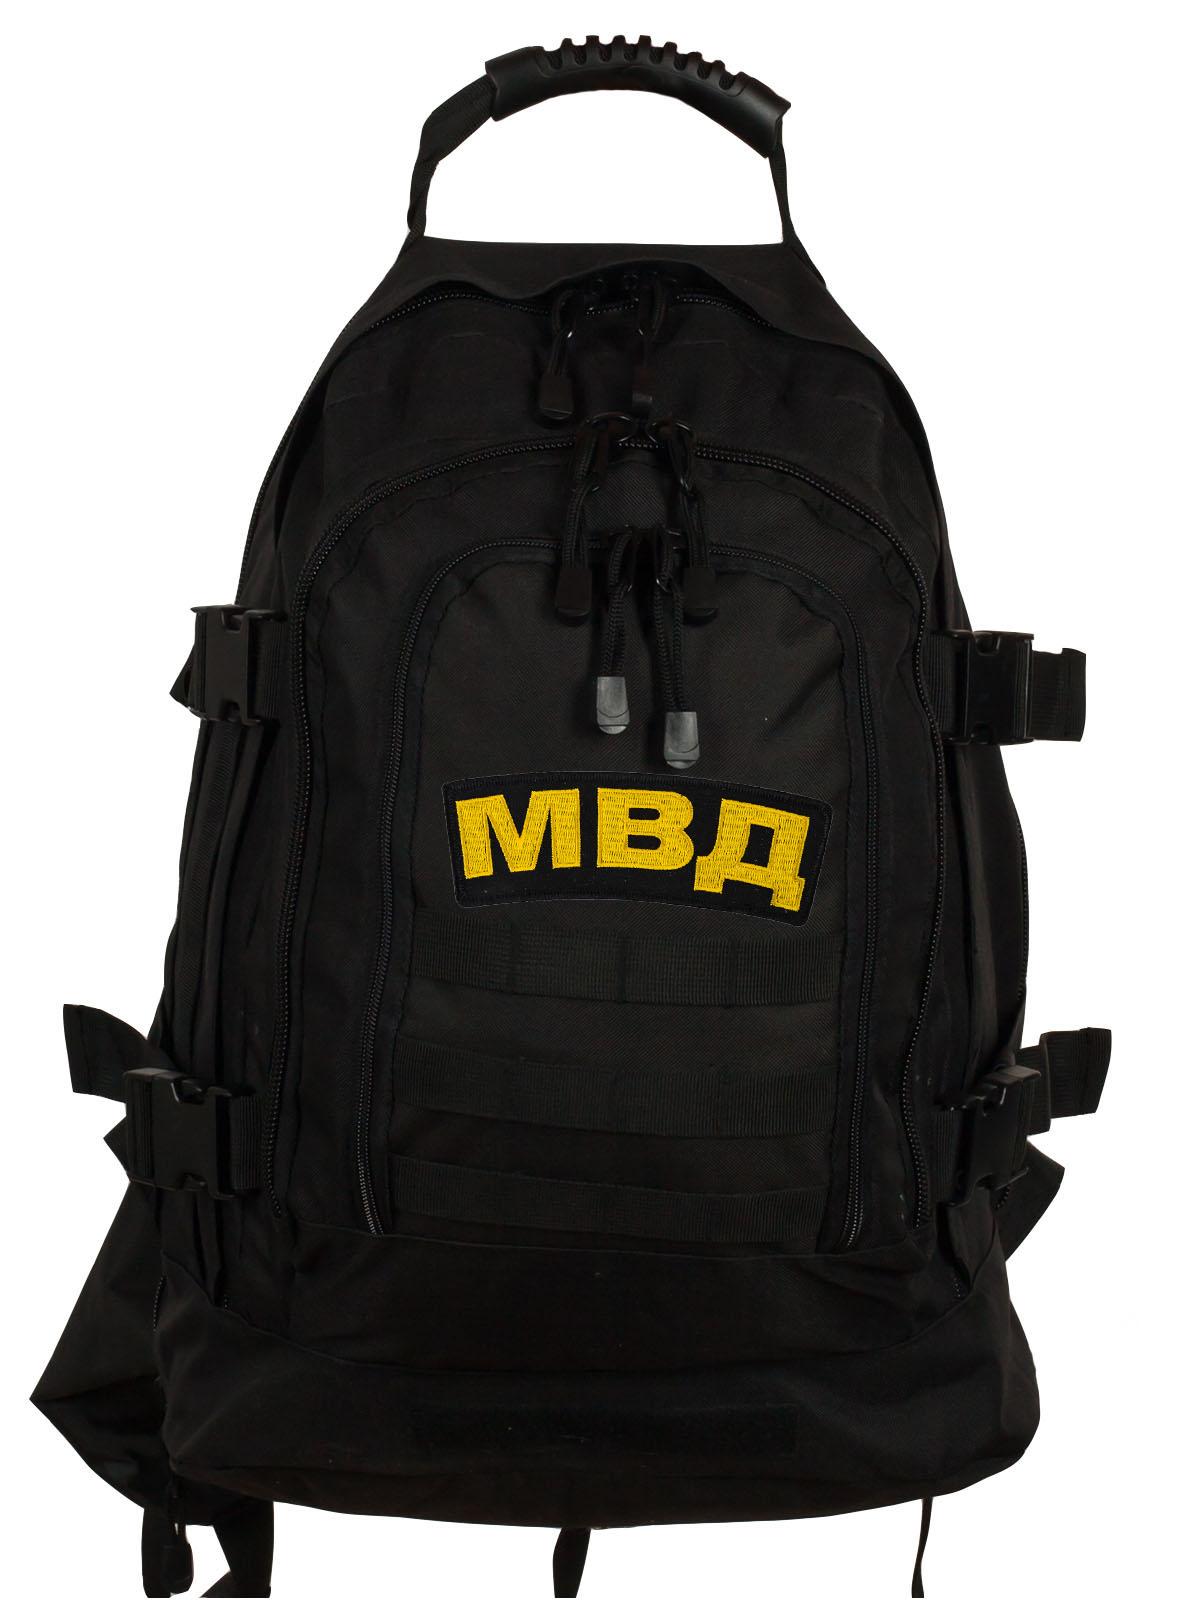 Армейский черный рюкзак с нашивкой МВД - заказать выгодно